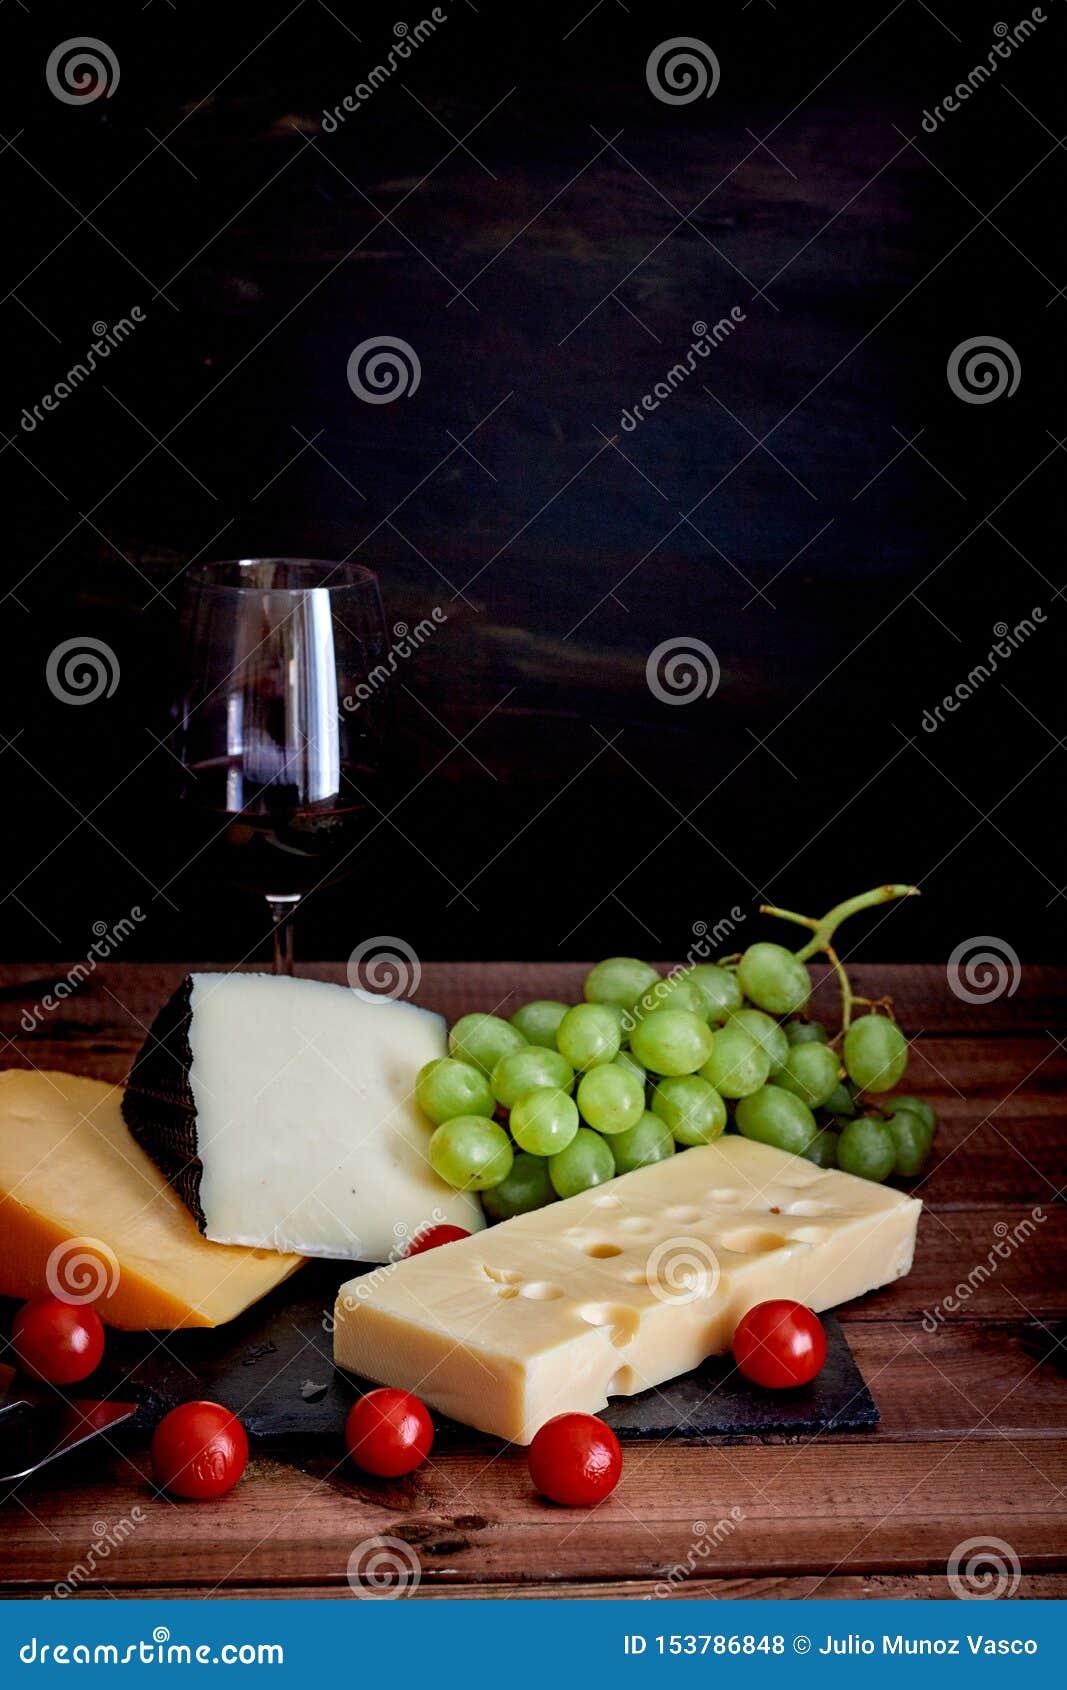 Tabelle mit unterschiedlichen Käsen und Weinglas auf dunklem Hintergrund